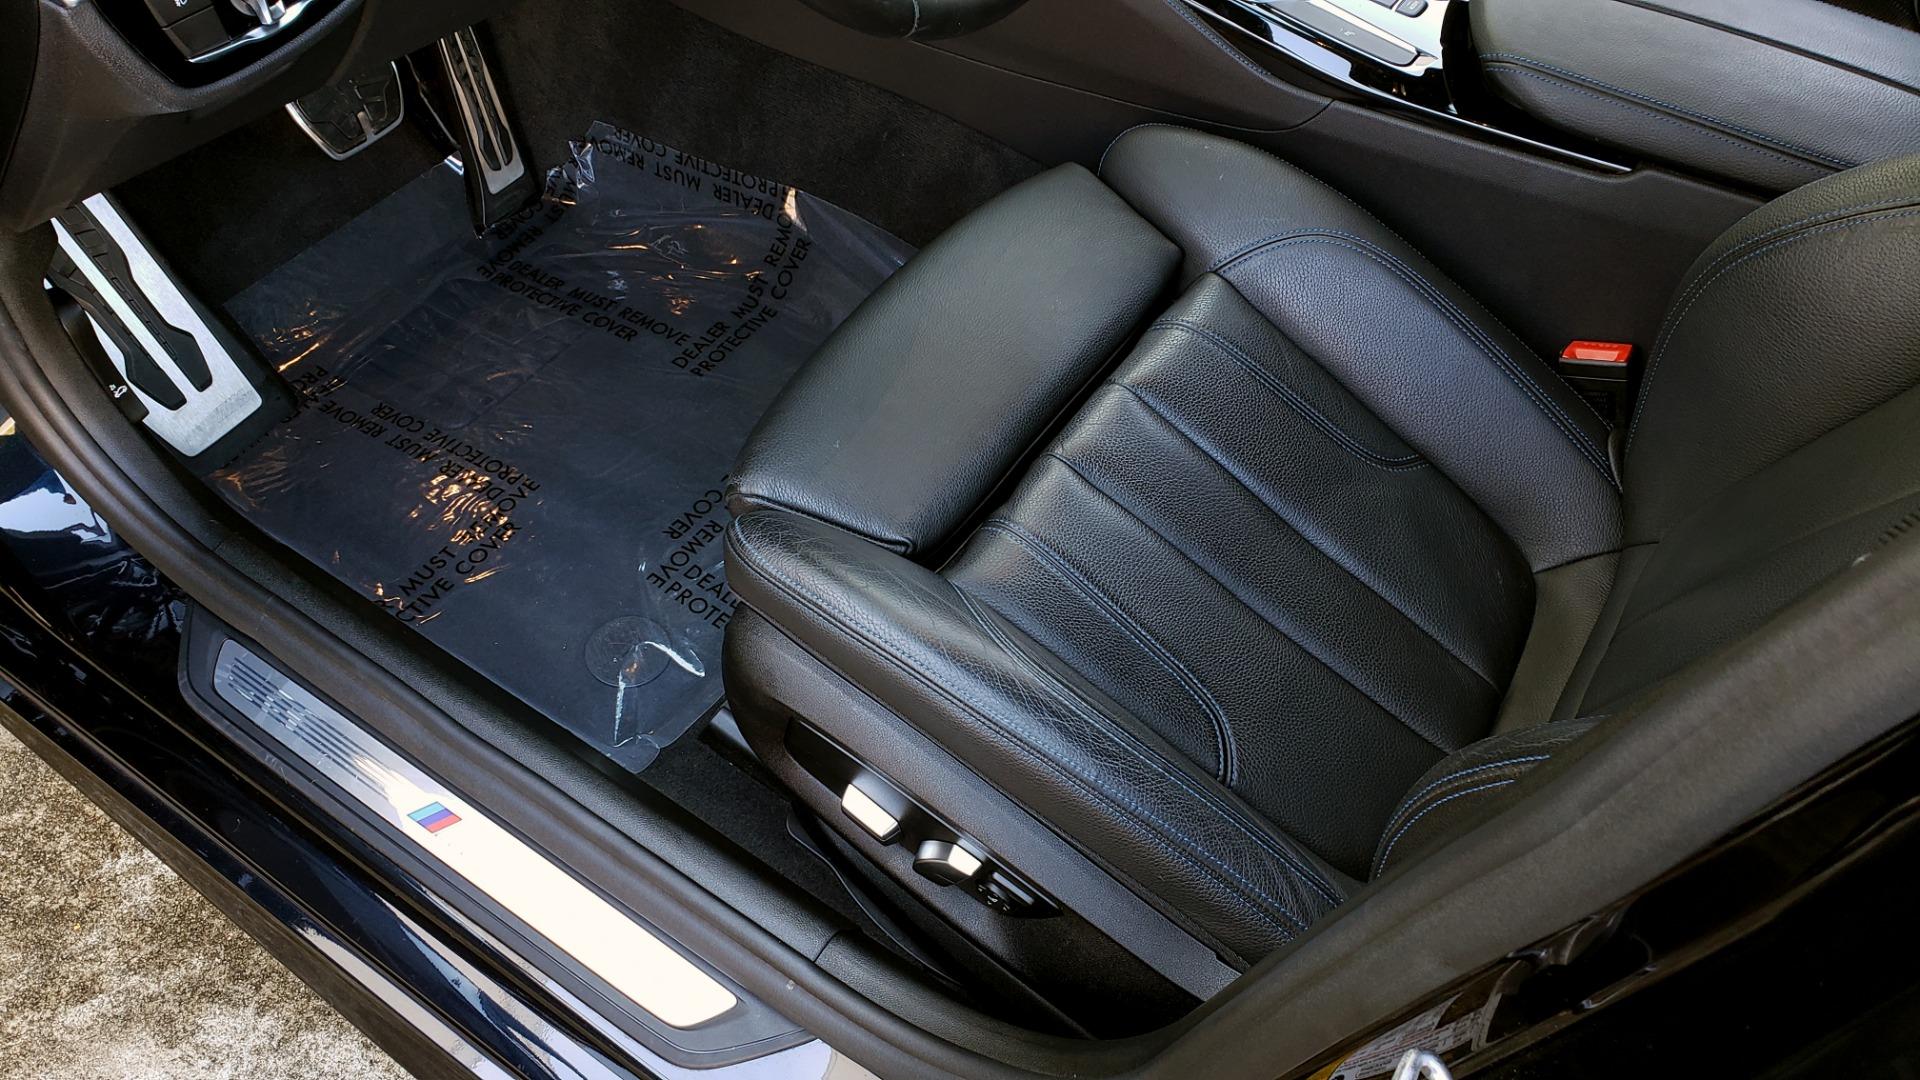 Used 2017 BMW 5 SERIES 530I M-SPORT / PREM PKG / DRVR ASST / HUD / NAV / REARVIEW for sale $33,995 at Formula Imports in Charlotte NC 28227 34